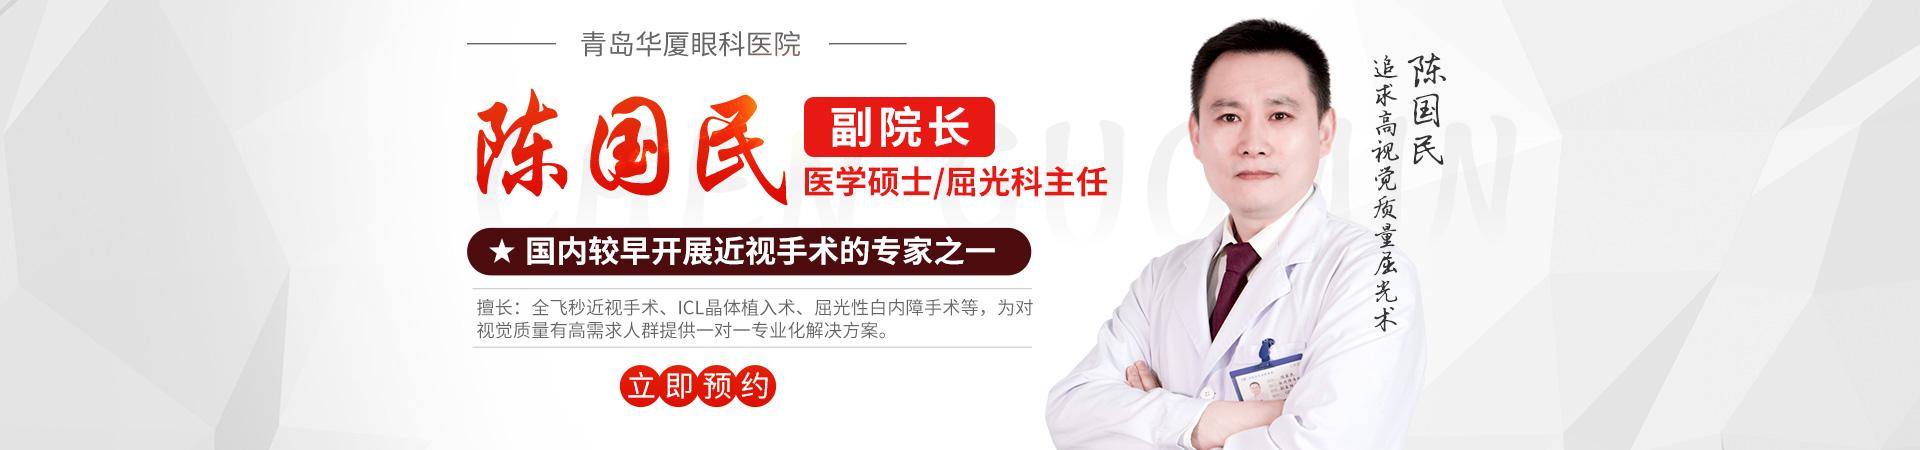 陈国民近视手术专家